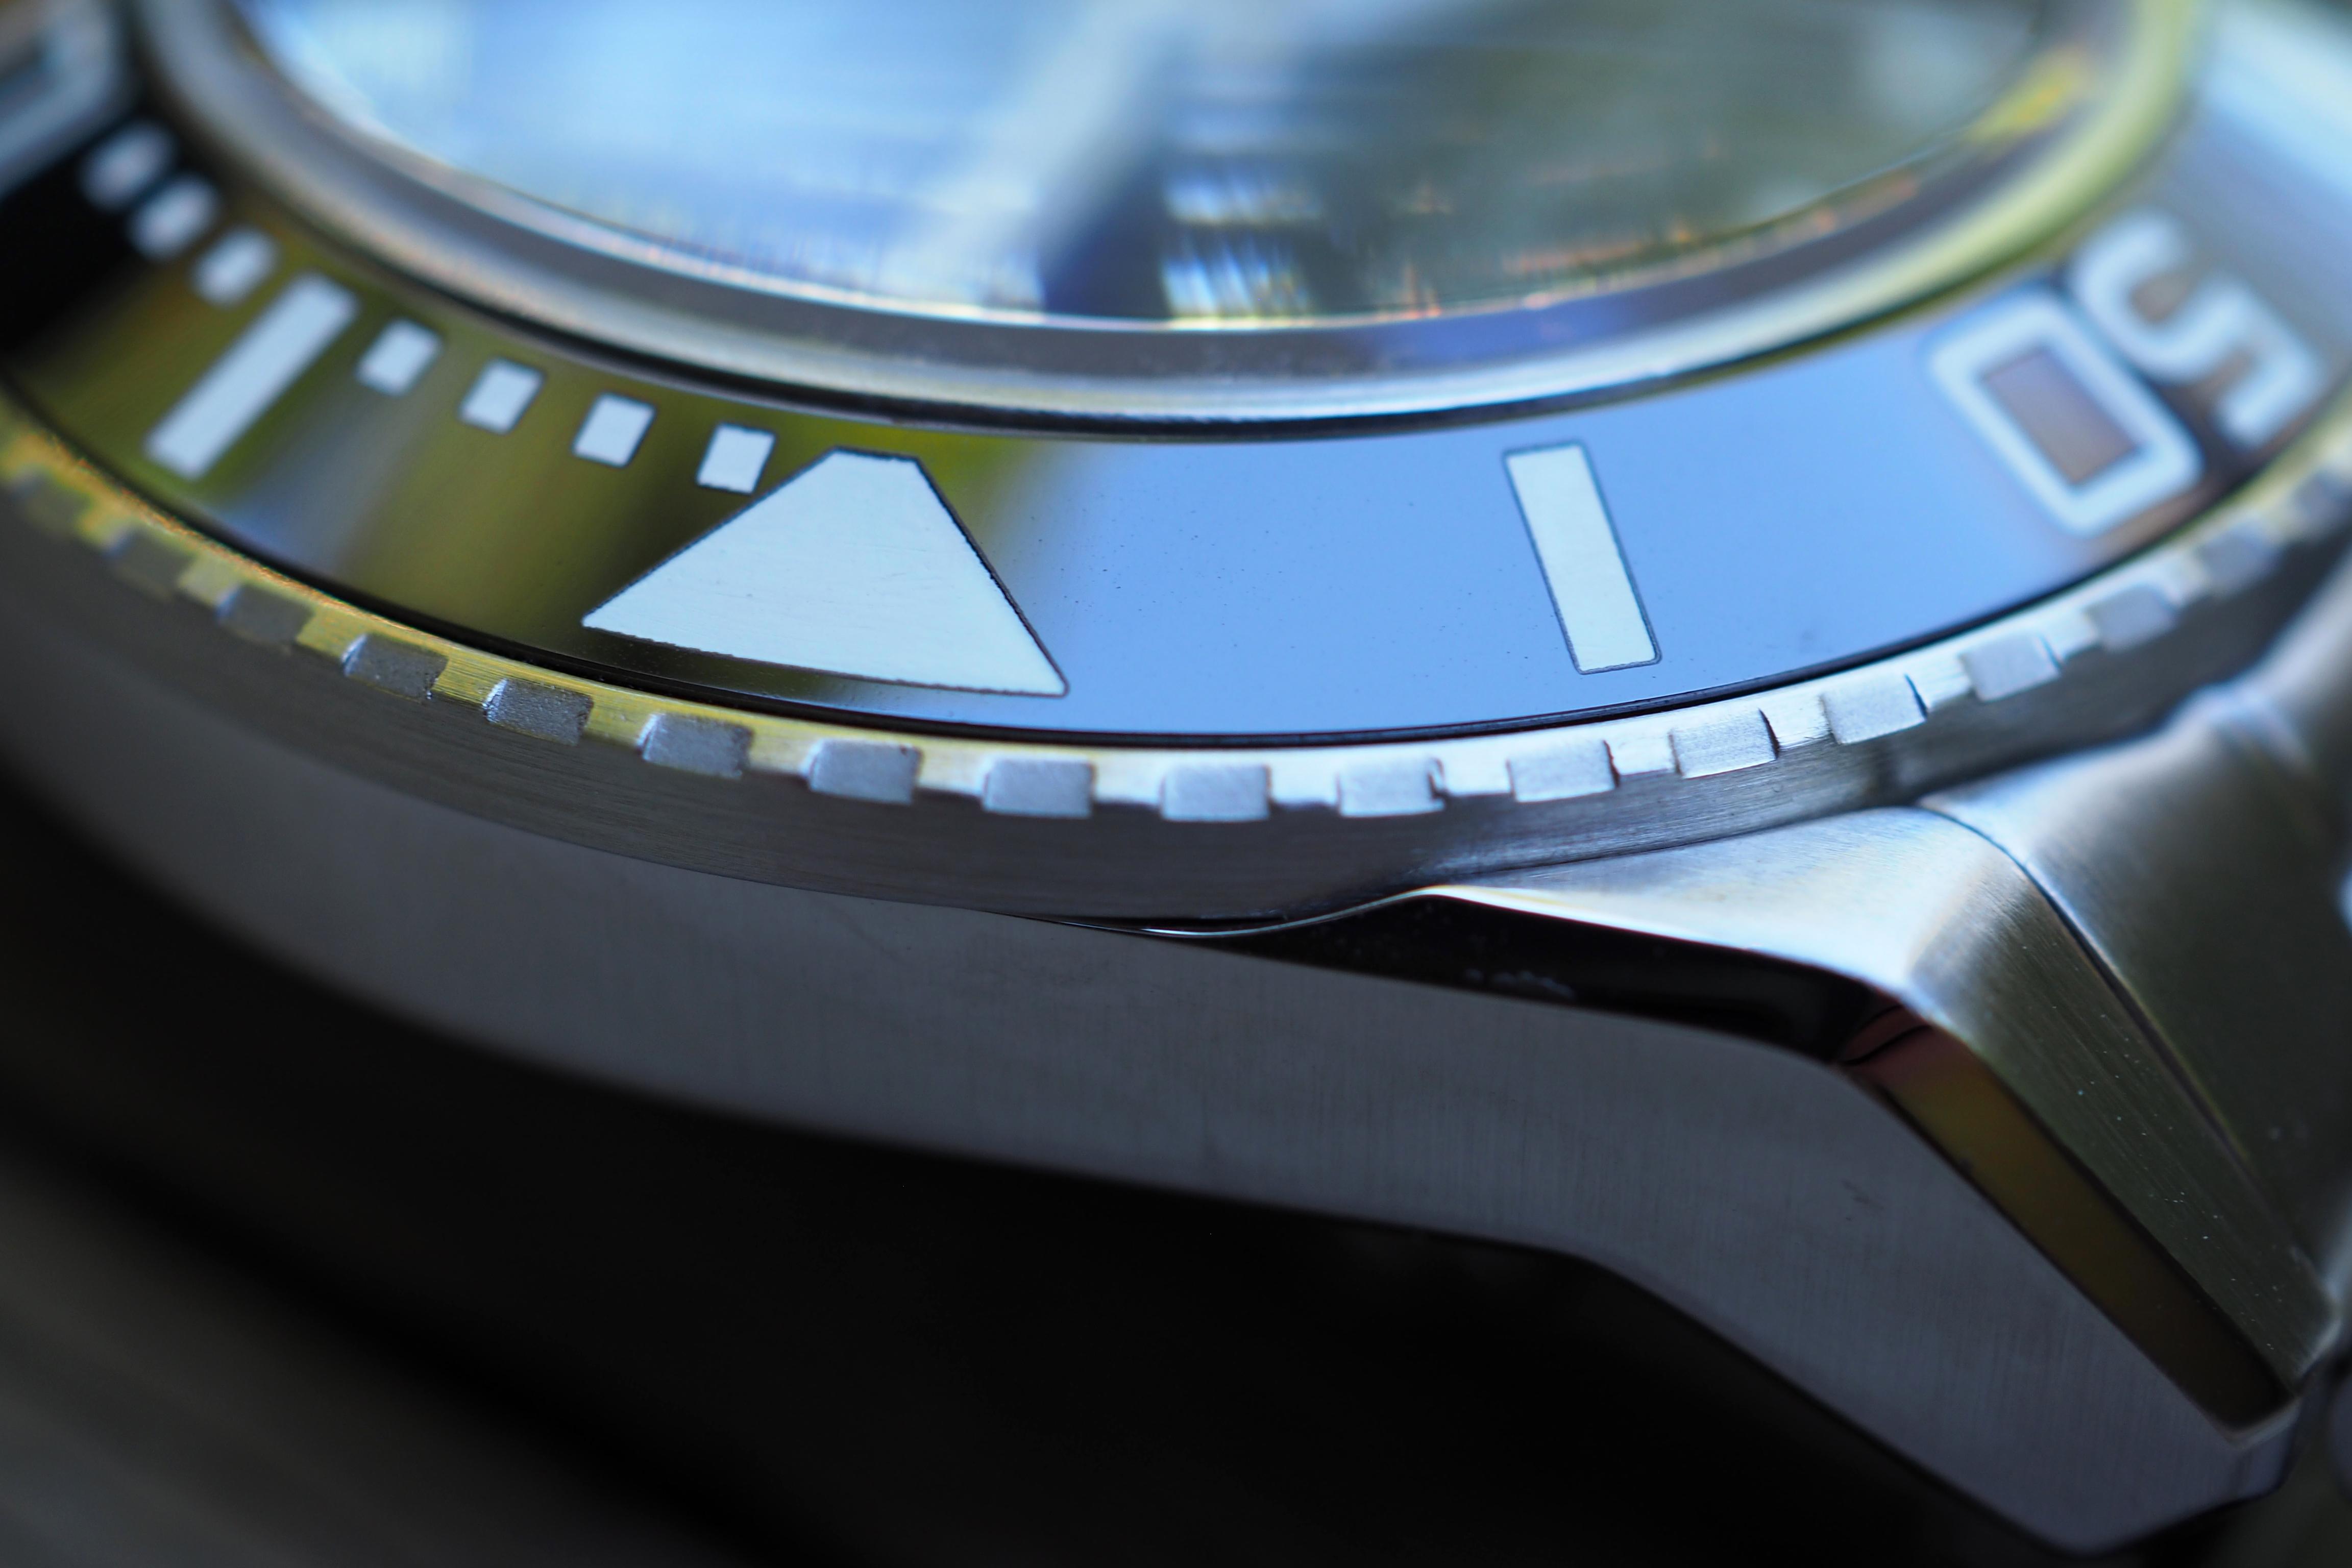 coin edged bezel macro photo